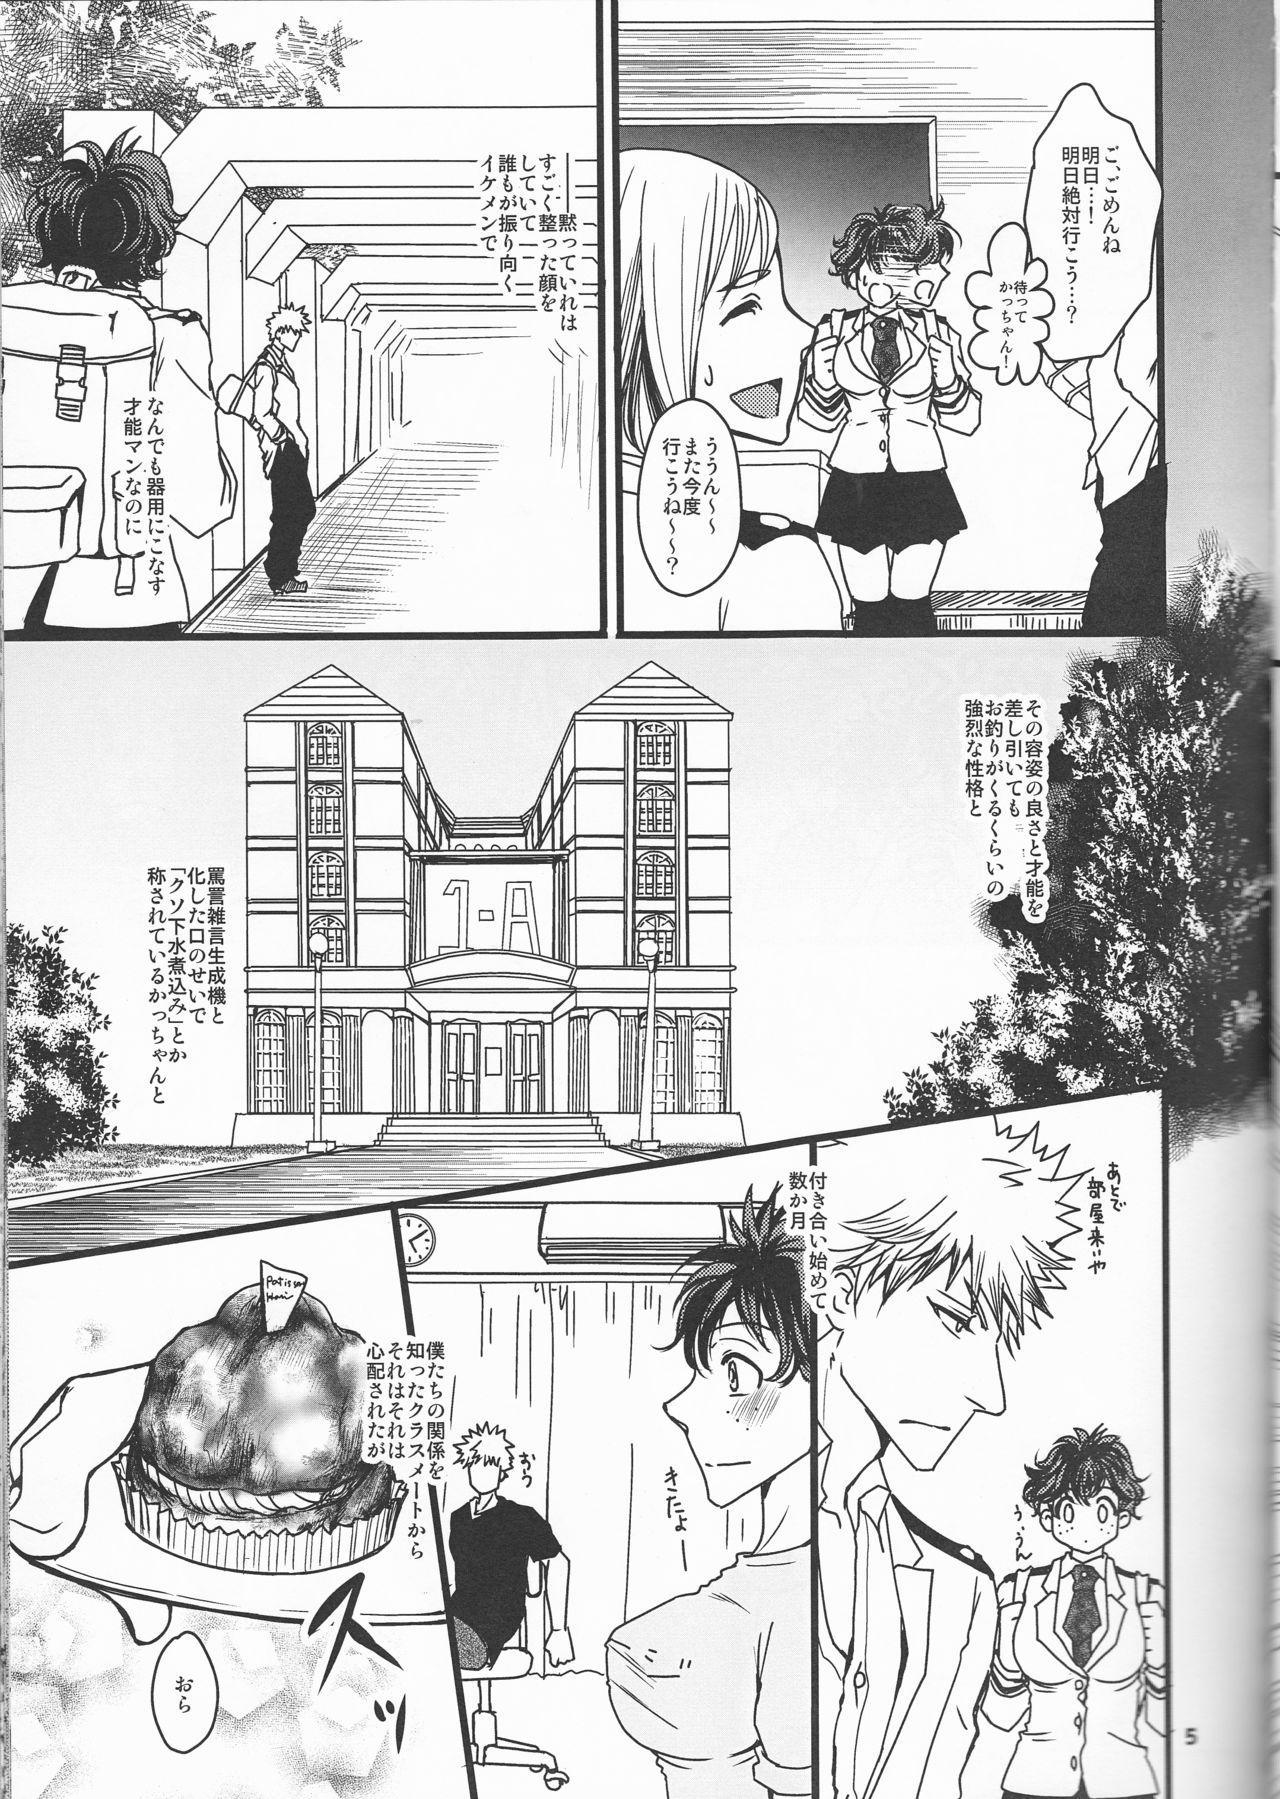 Super Darling Bakugou Katsuki 4